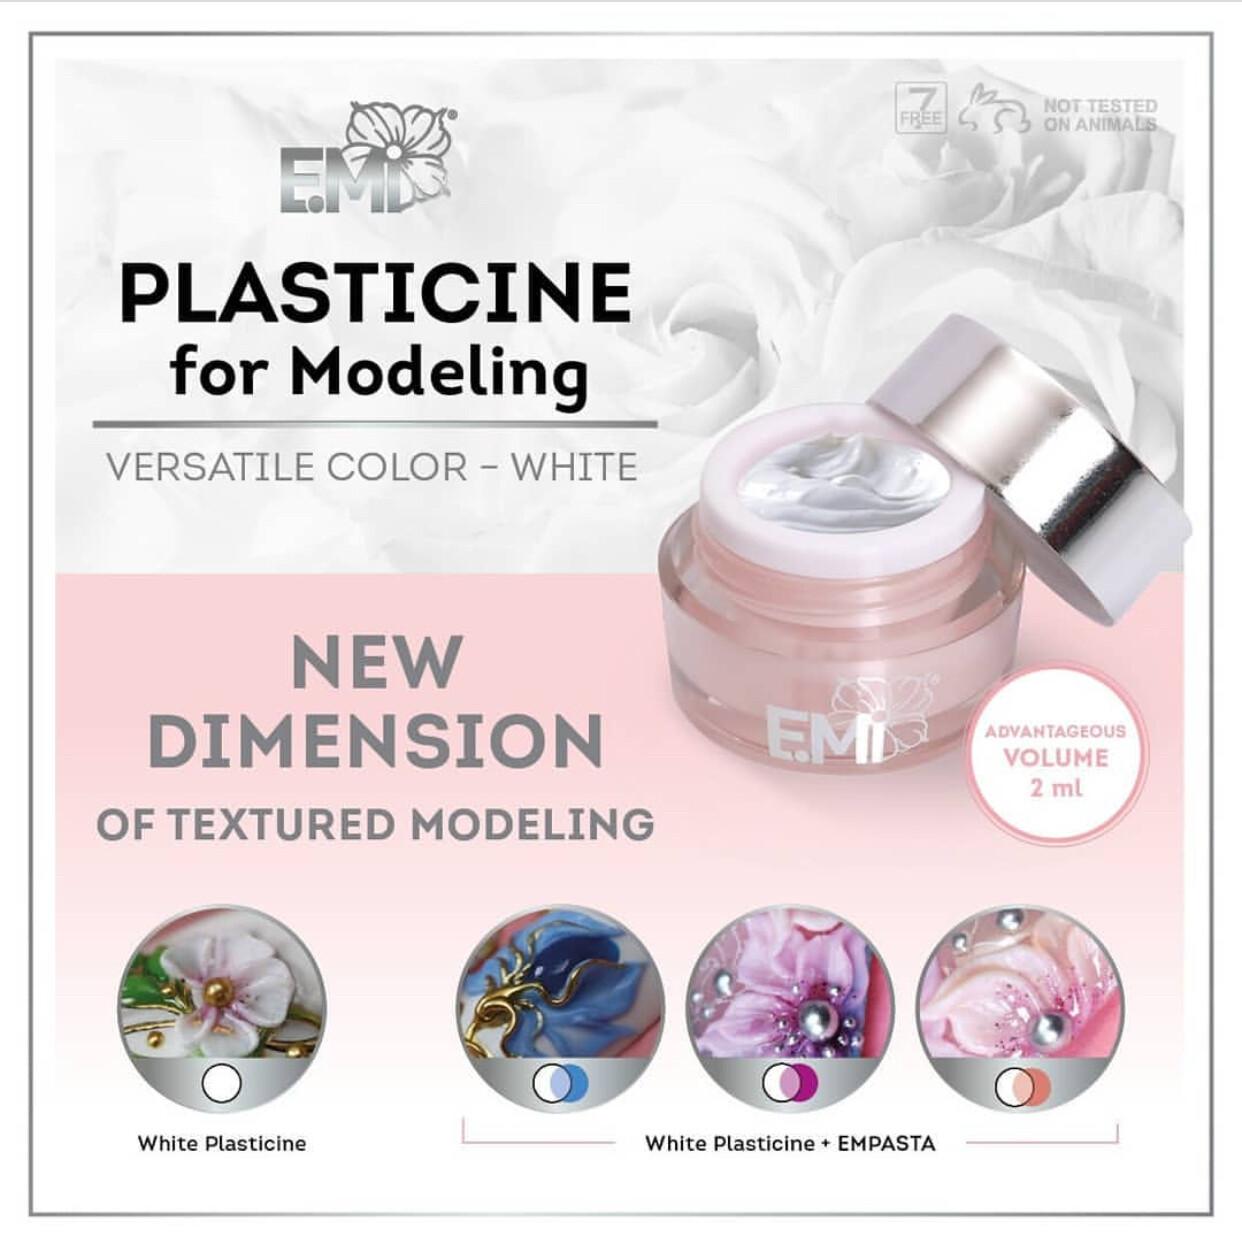 Plasticine for modeling, 2 ml.